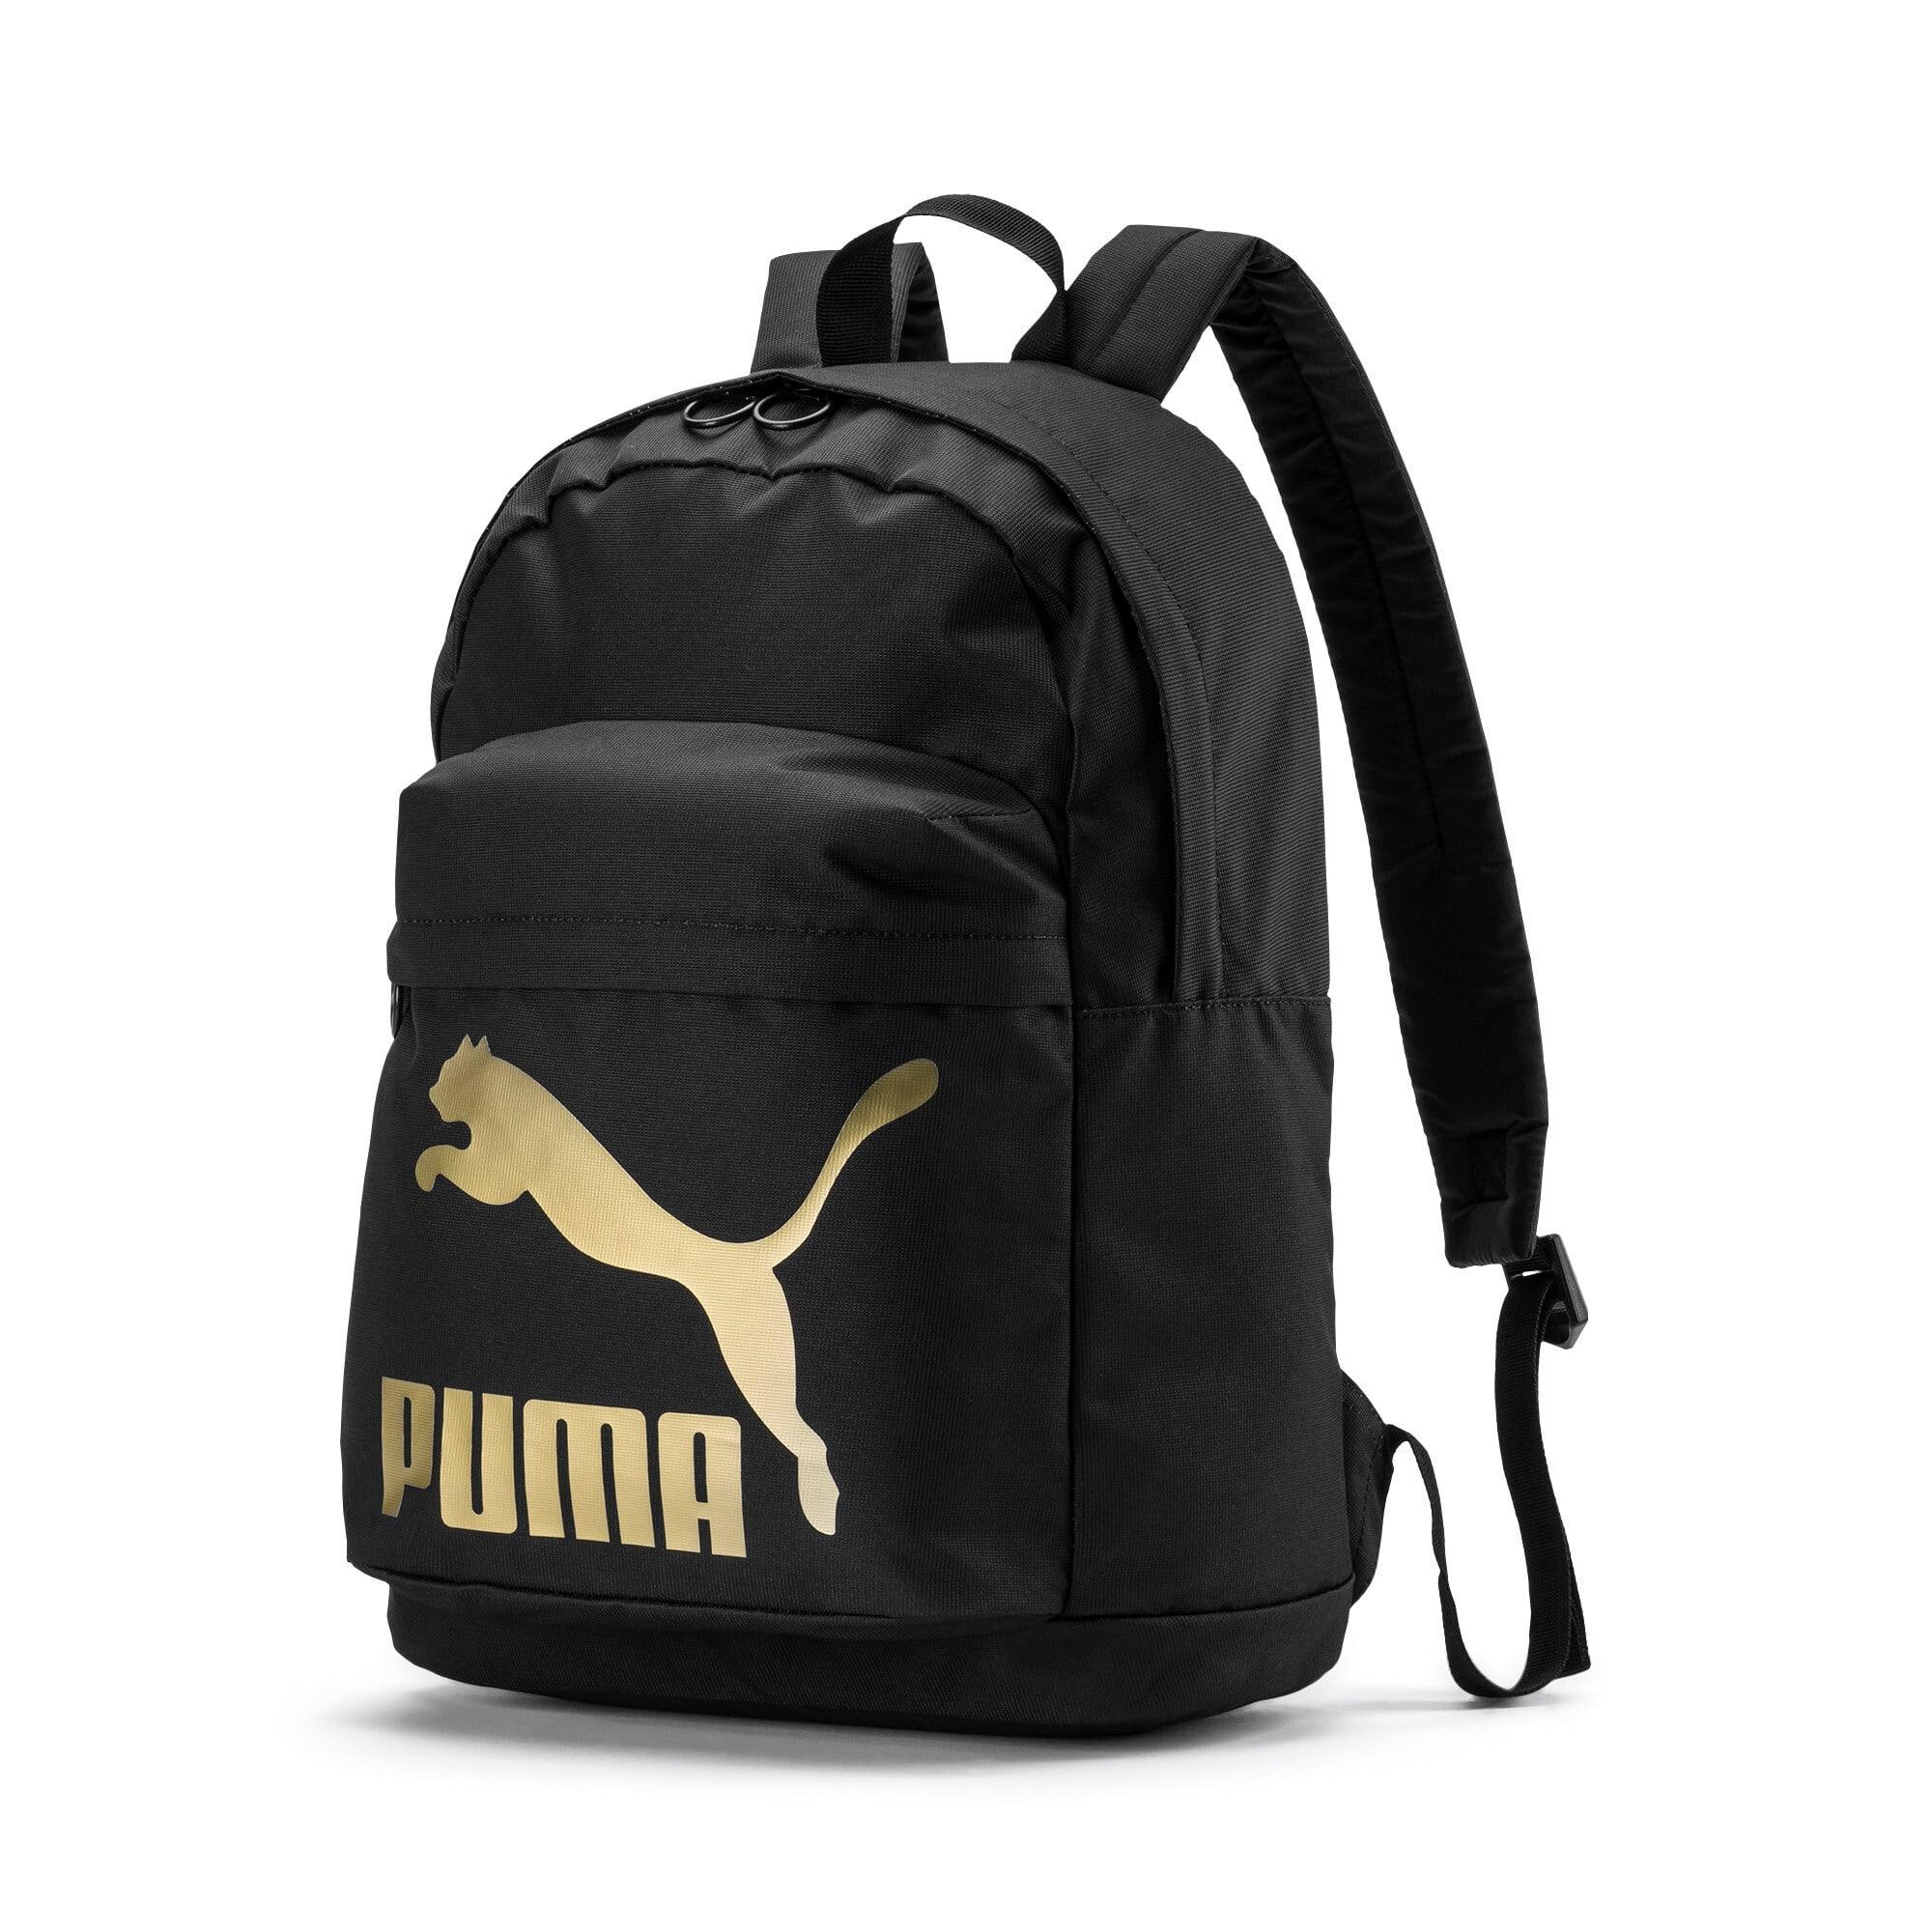 Thumbnail 1 of Originals Backpack, Puma Black, medium